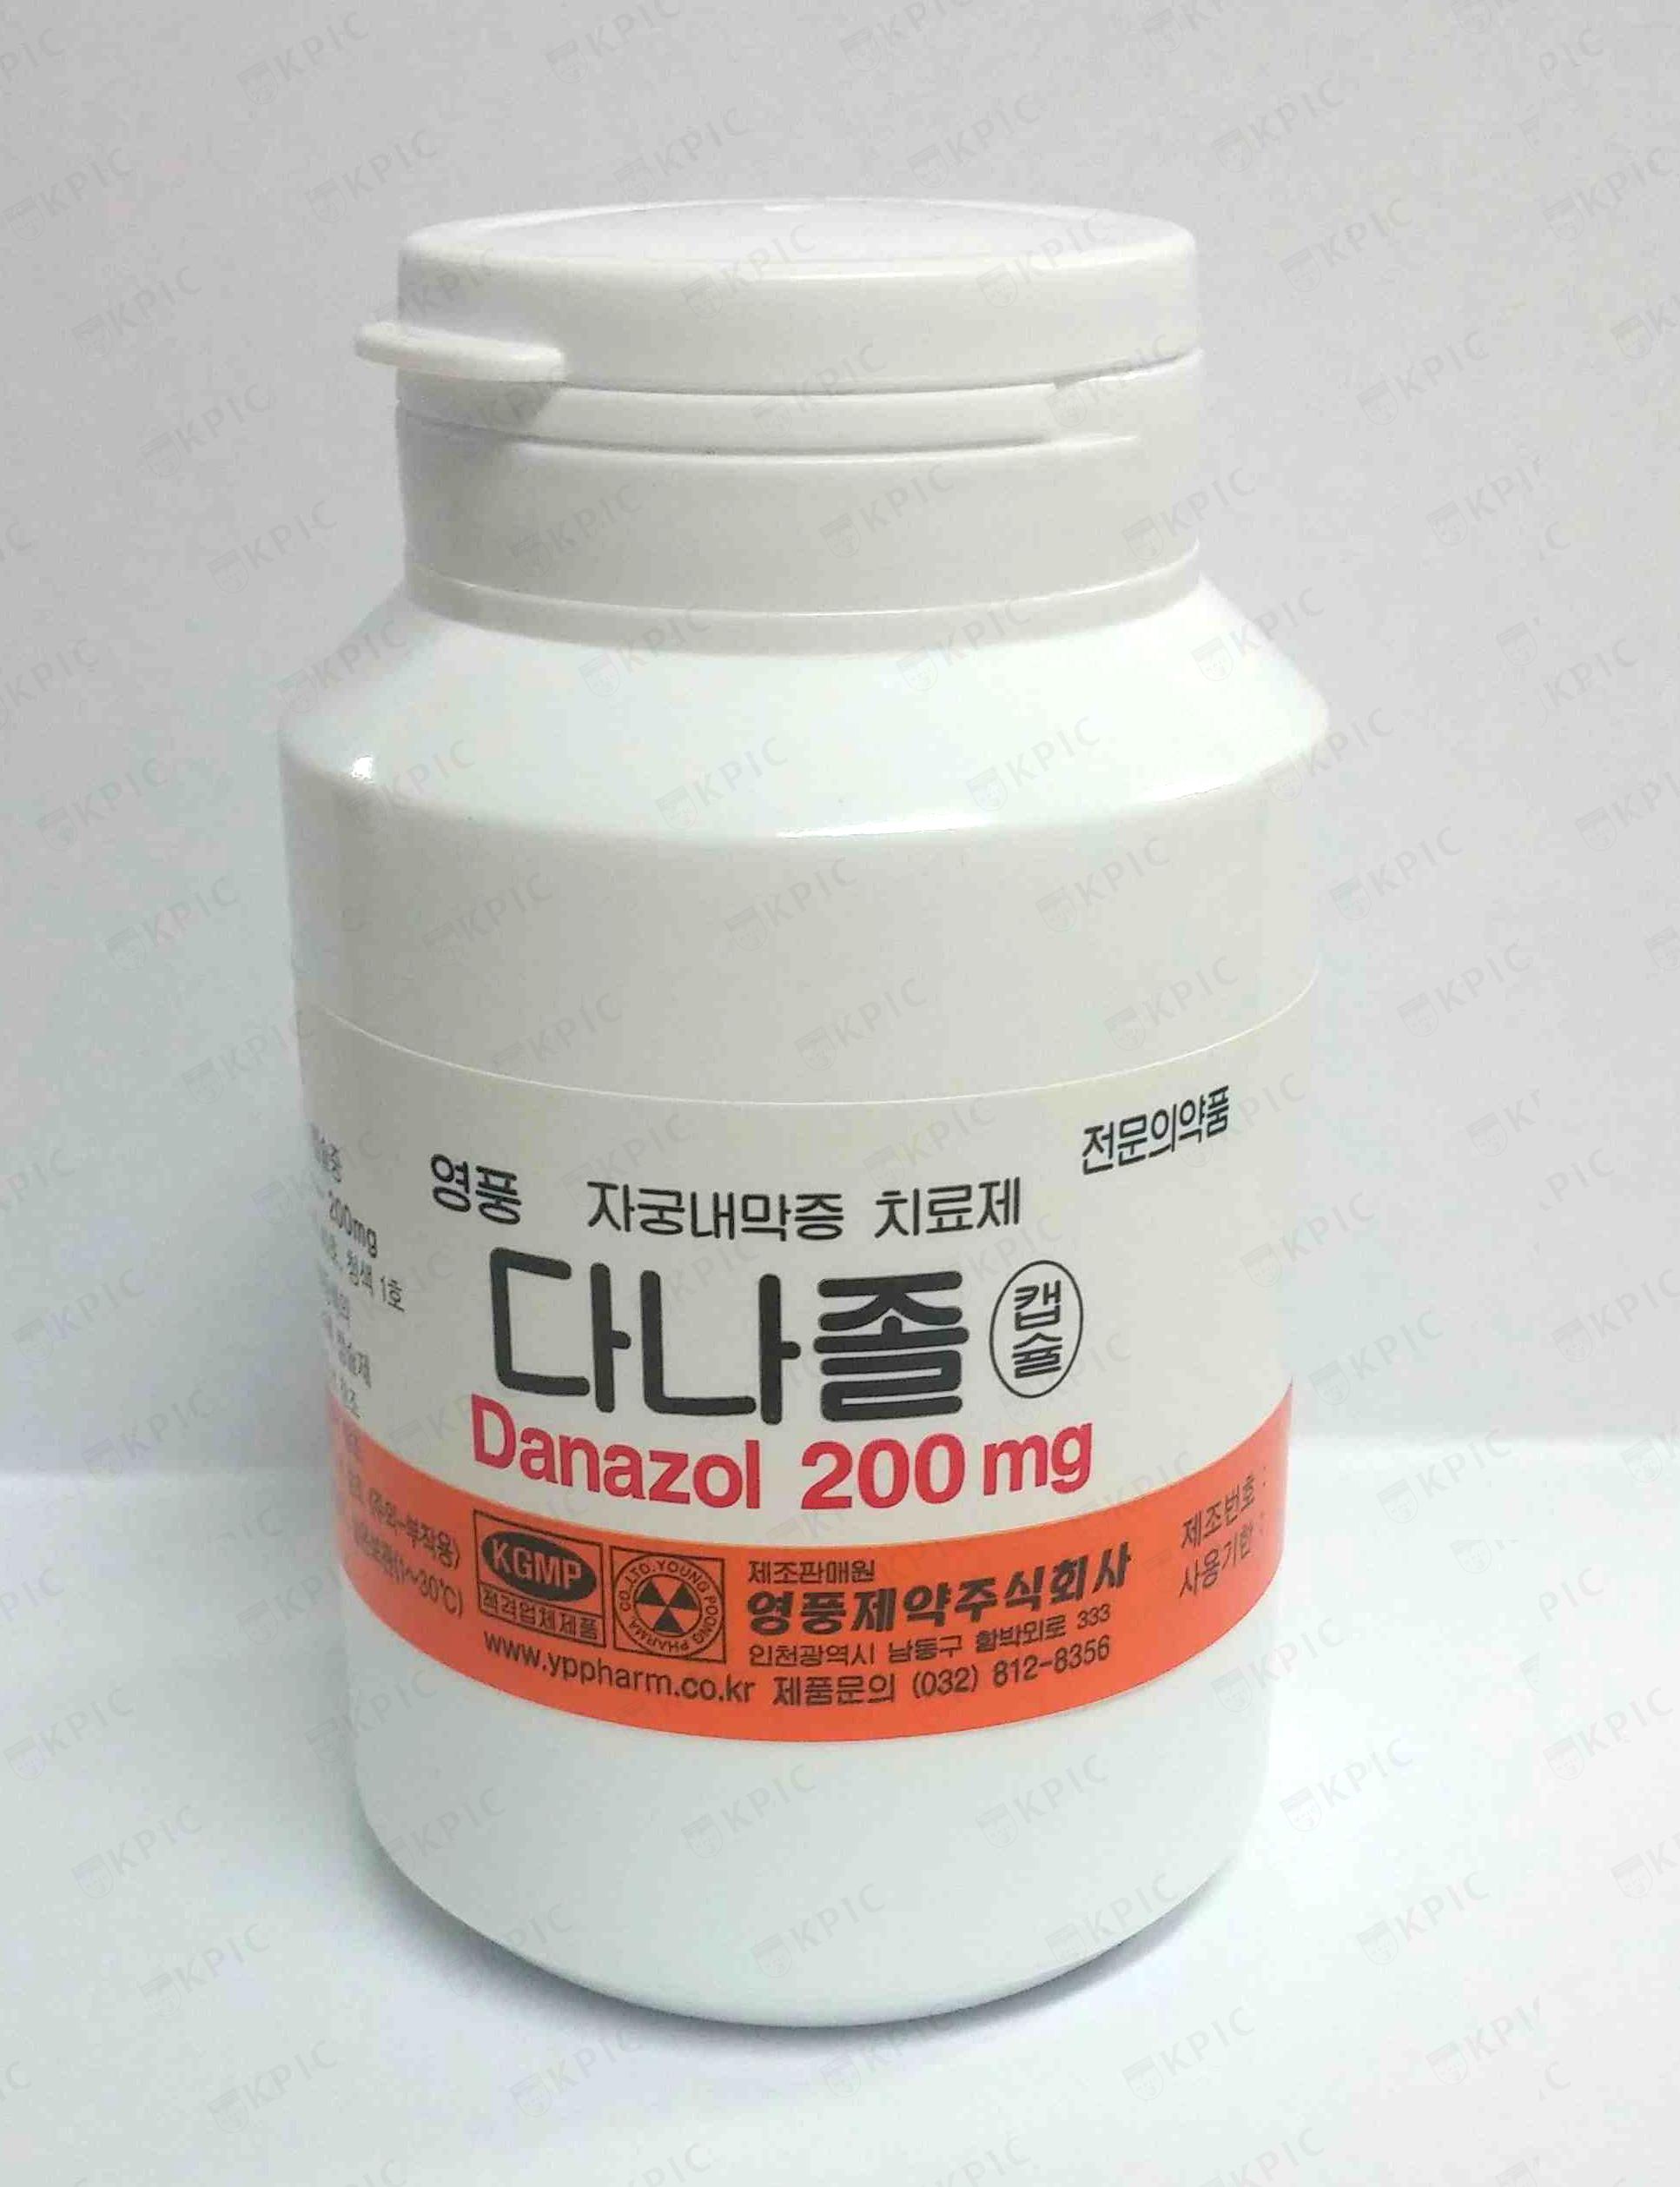 Danazol Drug Info